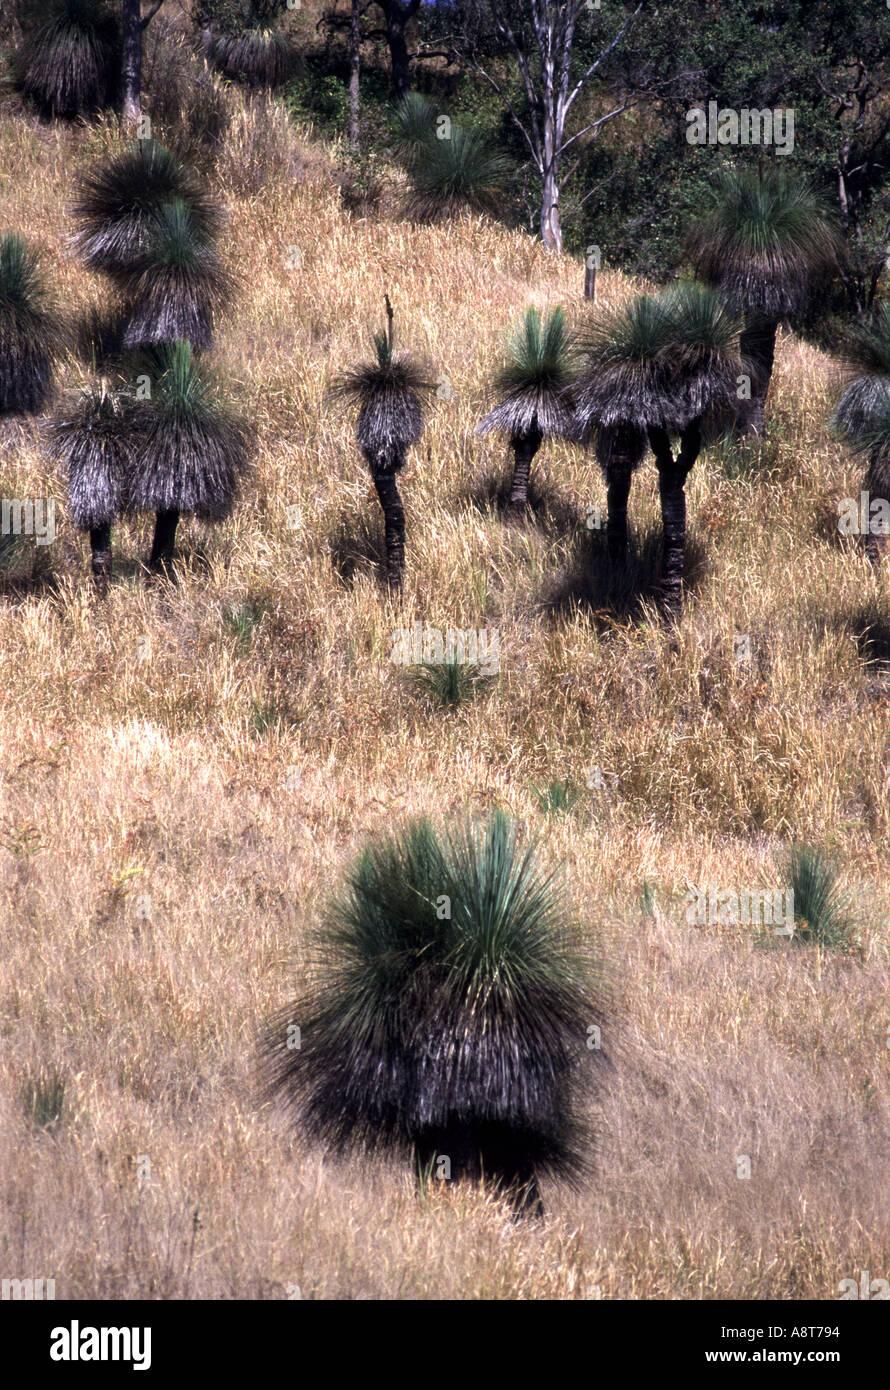 australian blackboy plants out in the bush - Stock Image